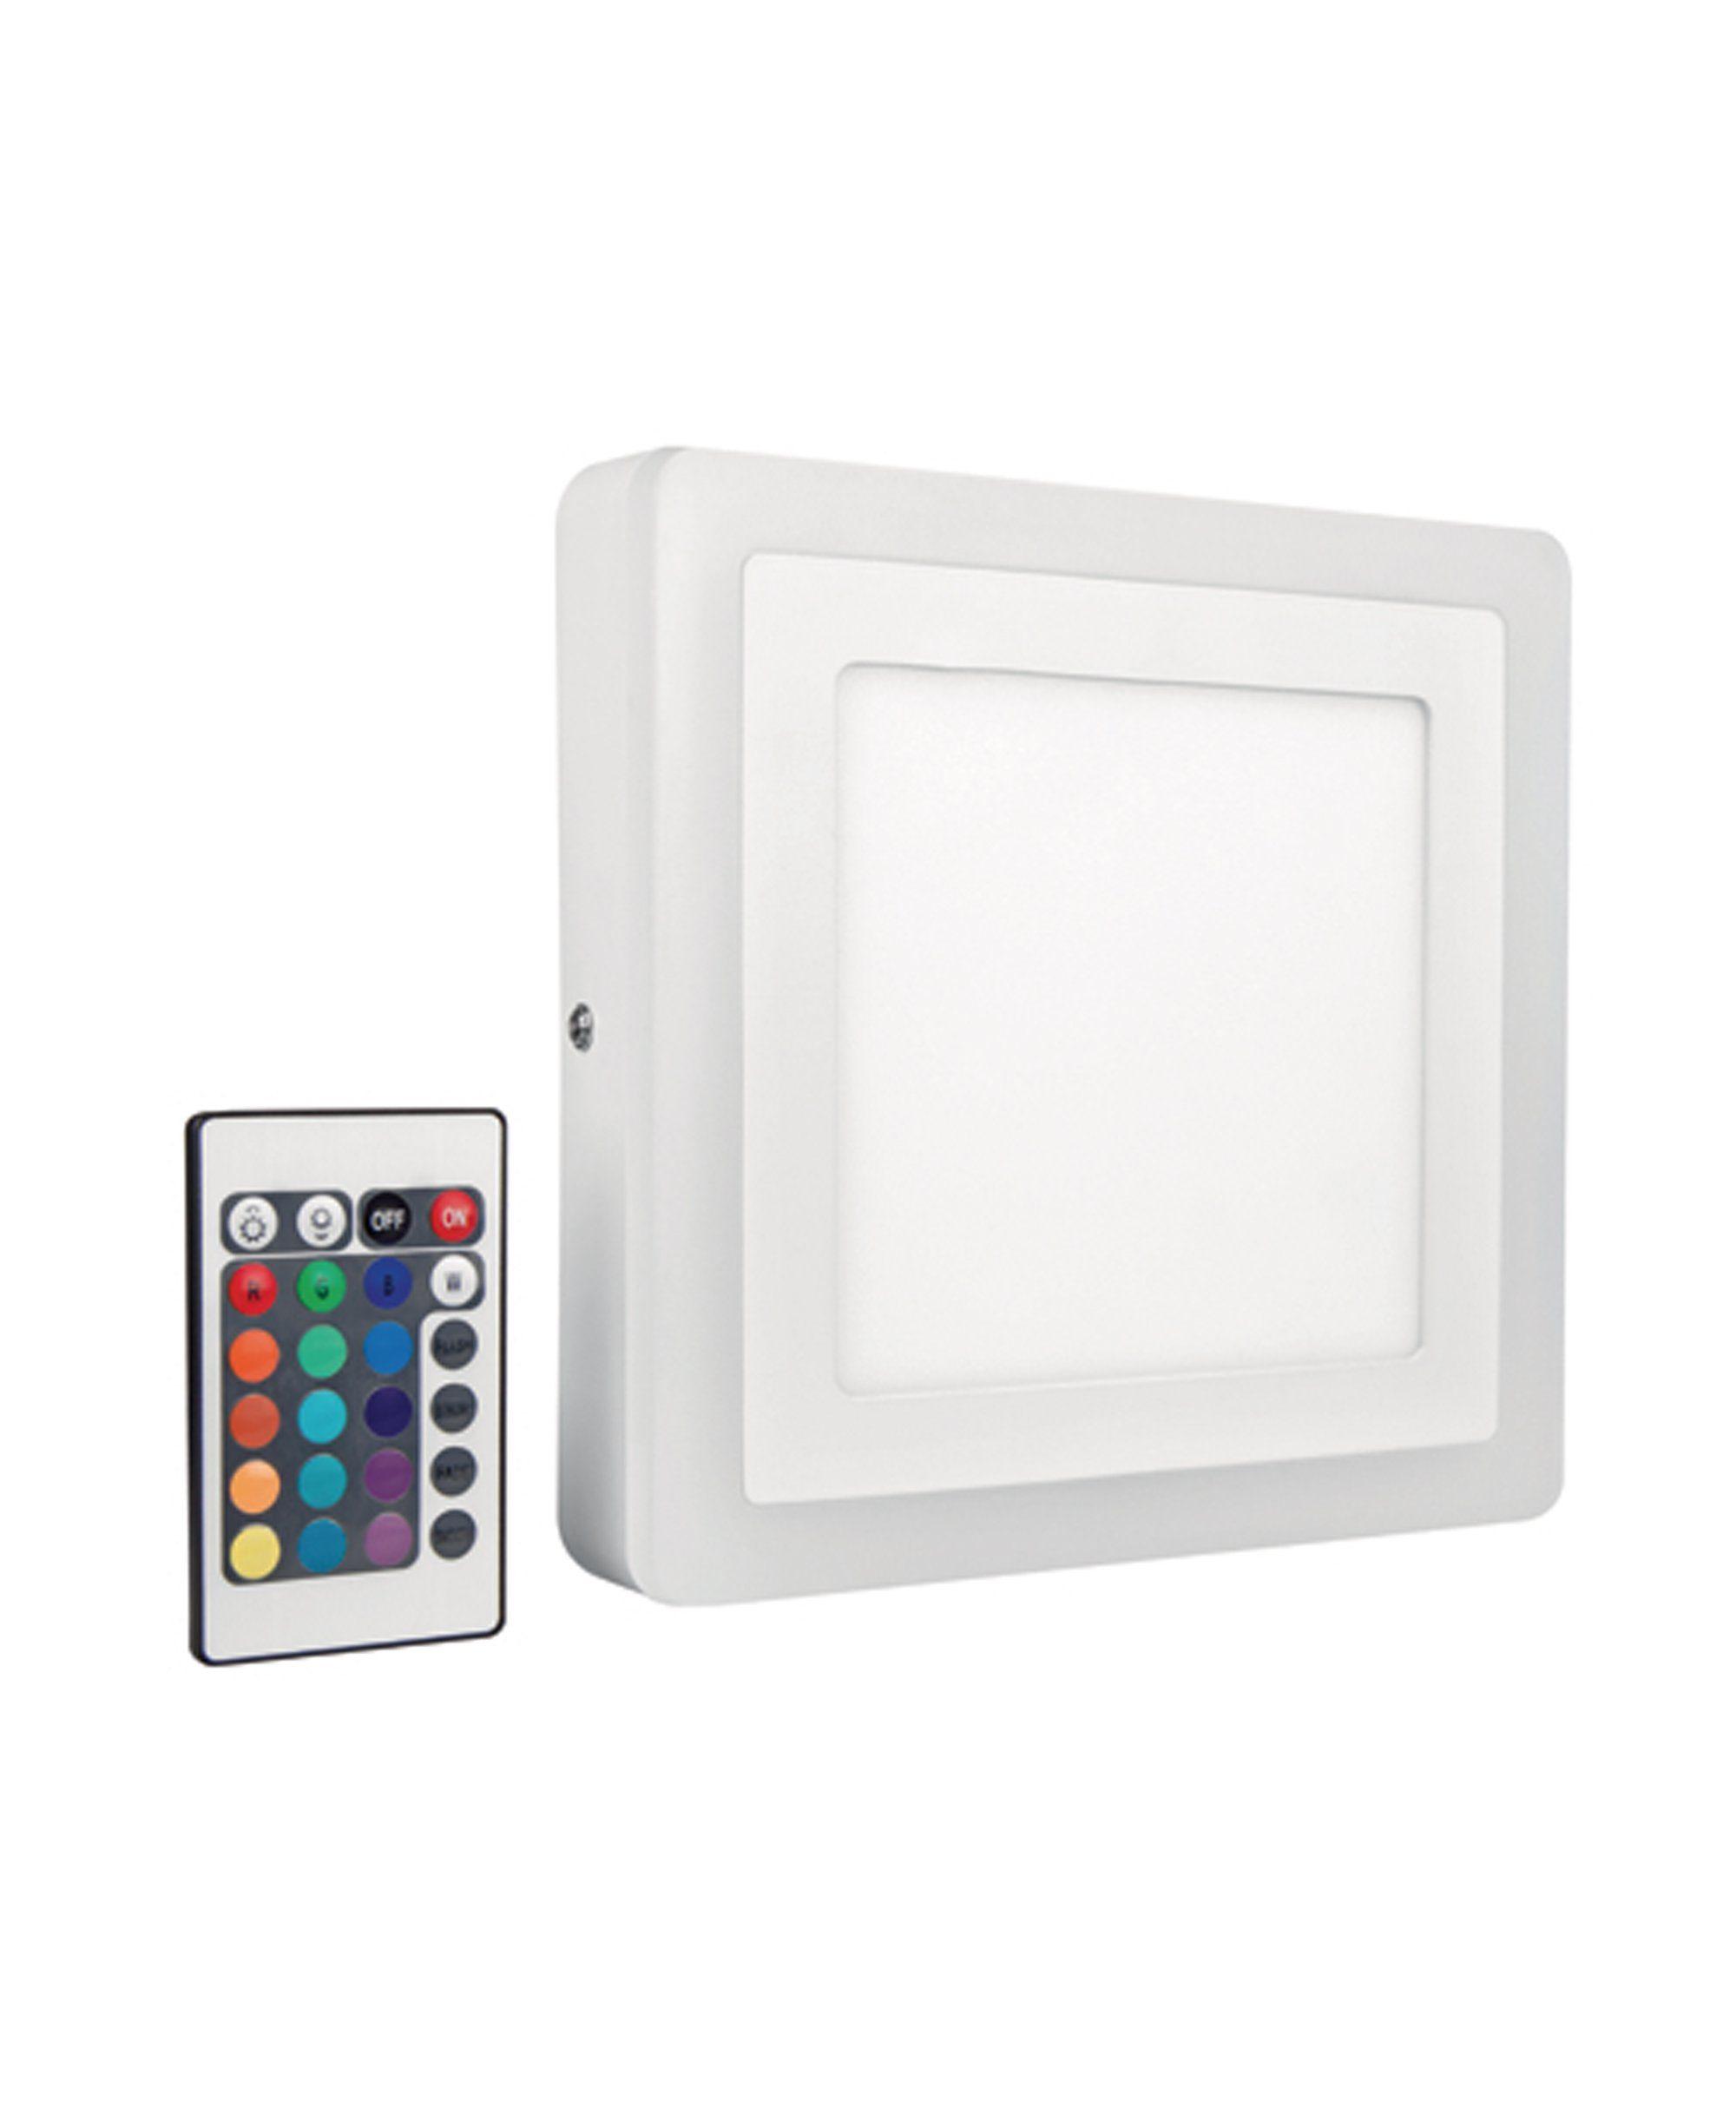 Osram LED Wand- und Deckenleuchte, Weißlicht- & RGB Farbsteuerung »LED COLOR+ WHITE SQ 400 42 W«